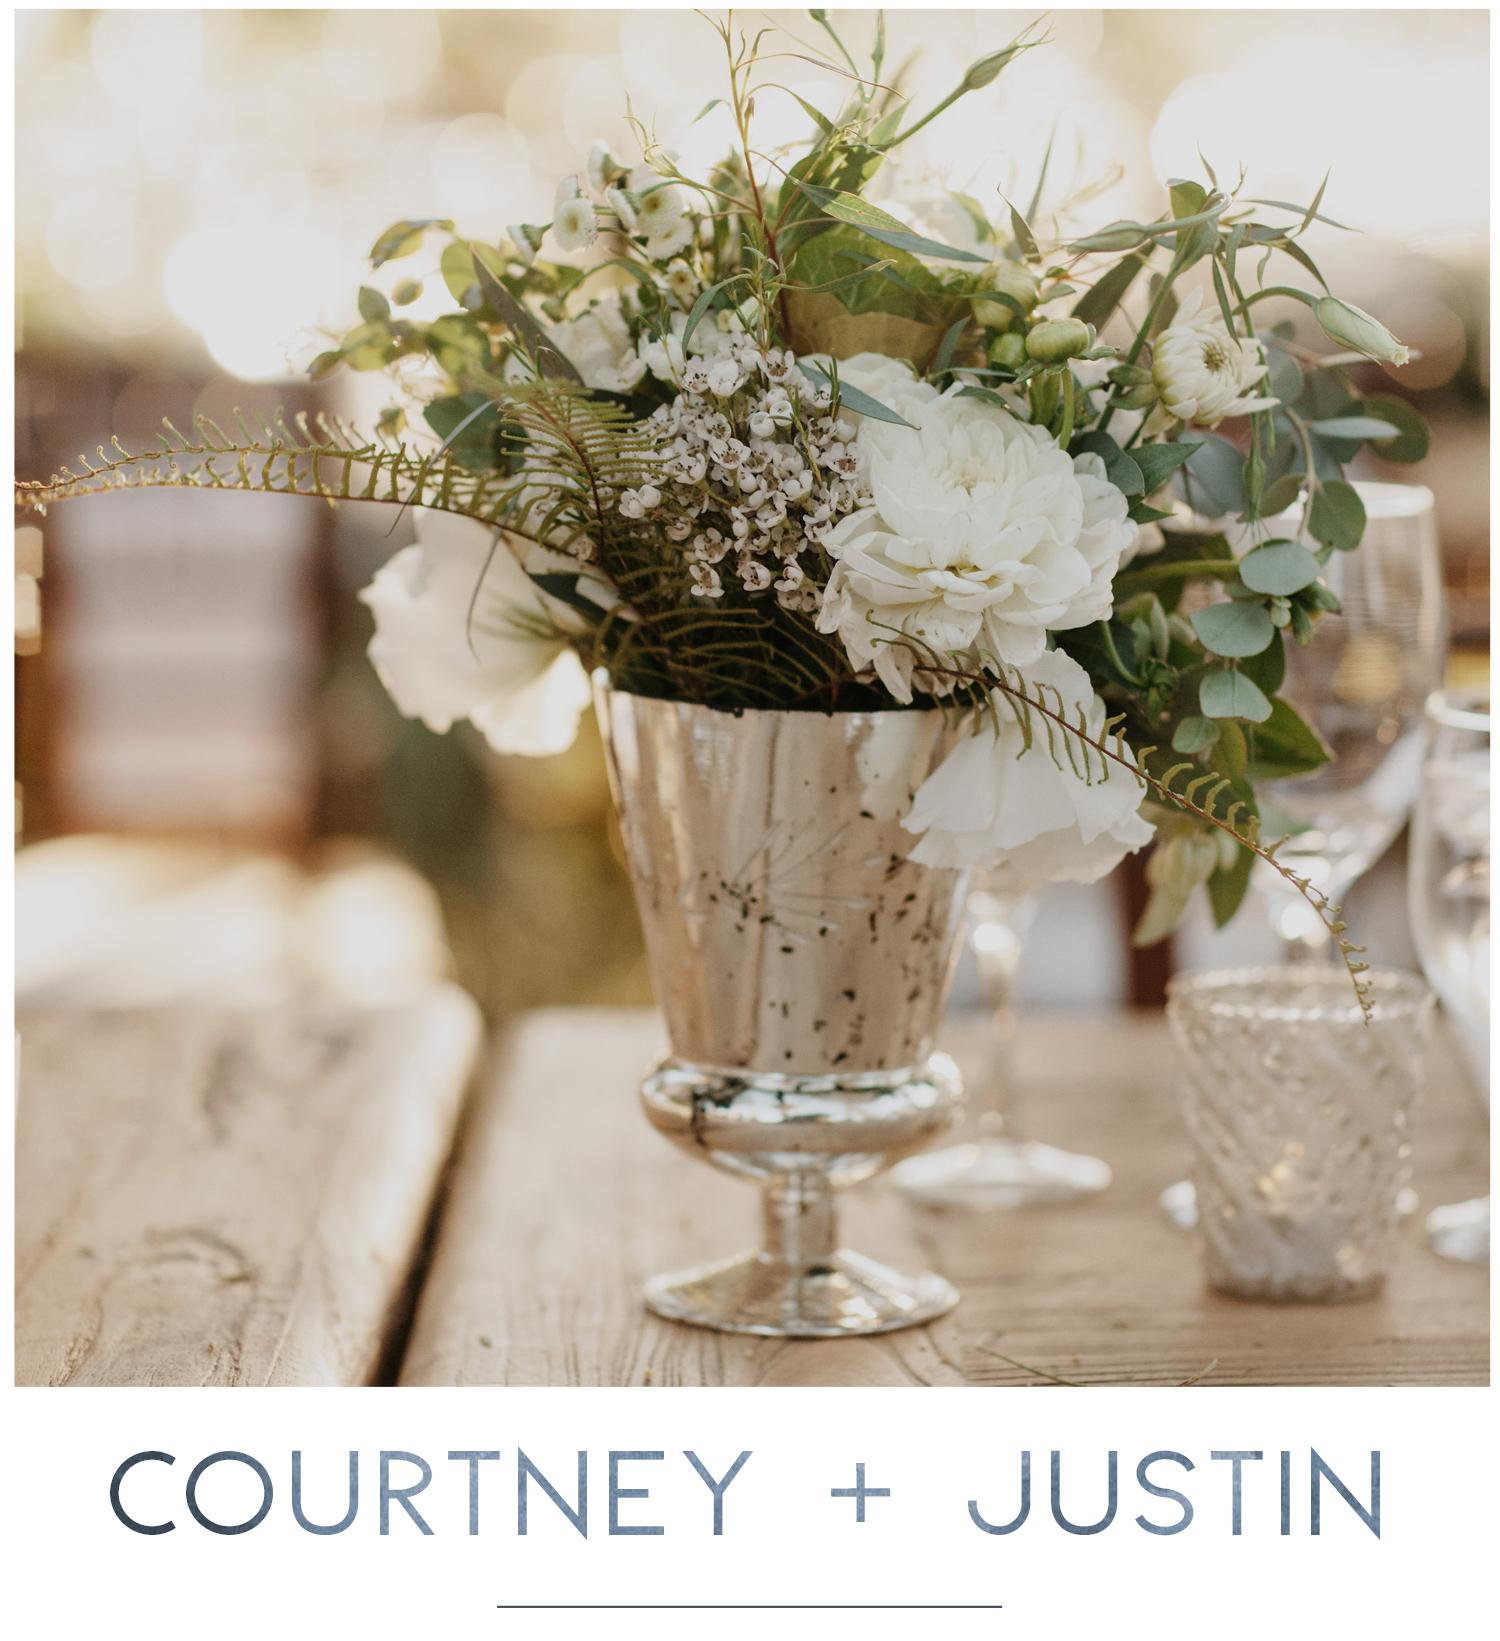 martha_jager_portfolio_COURTNEY_JUSTIN.jpg